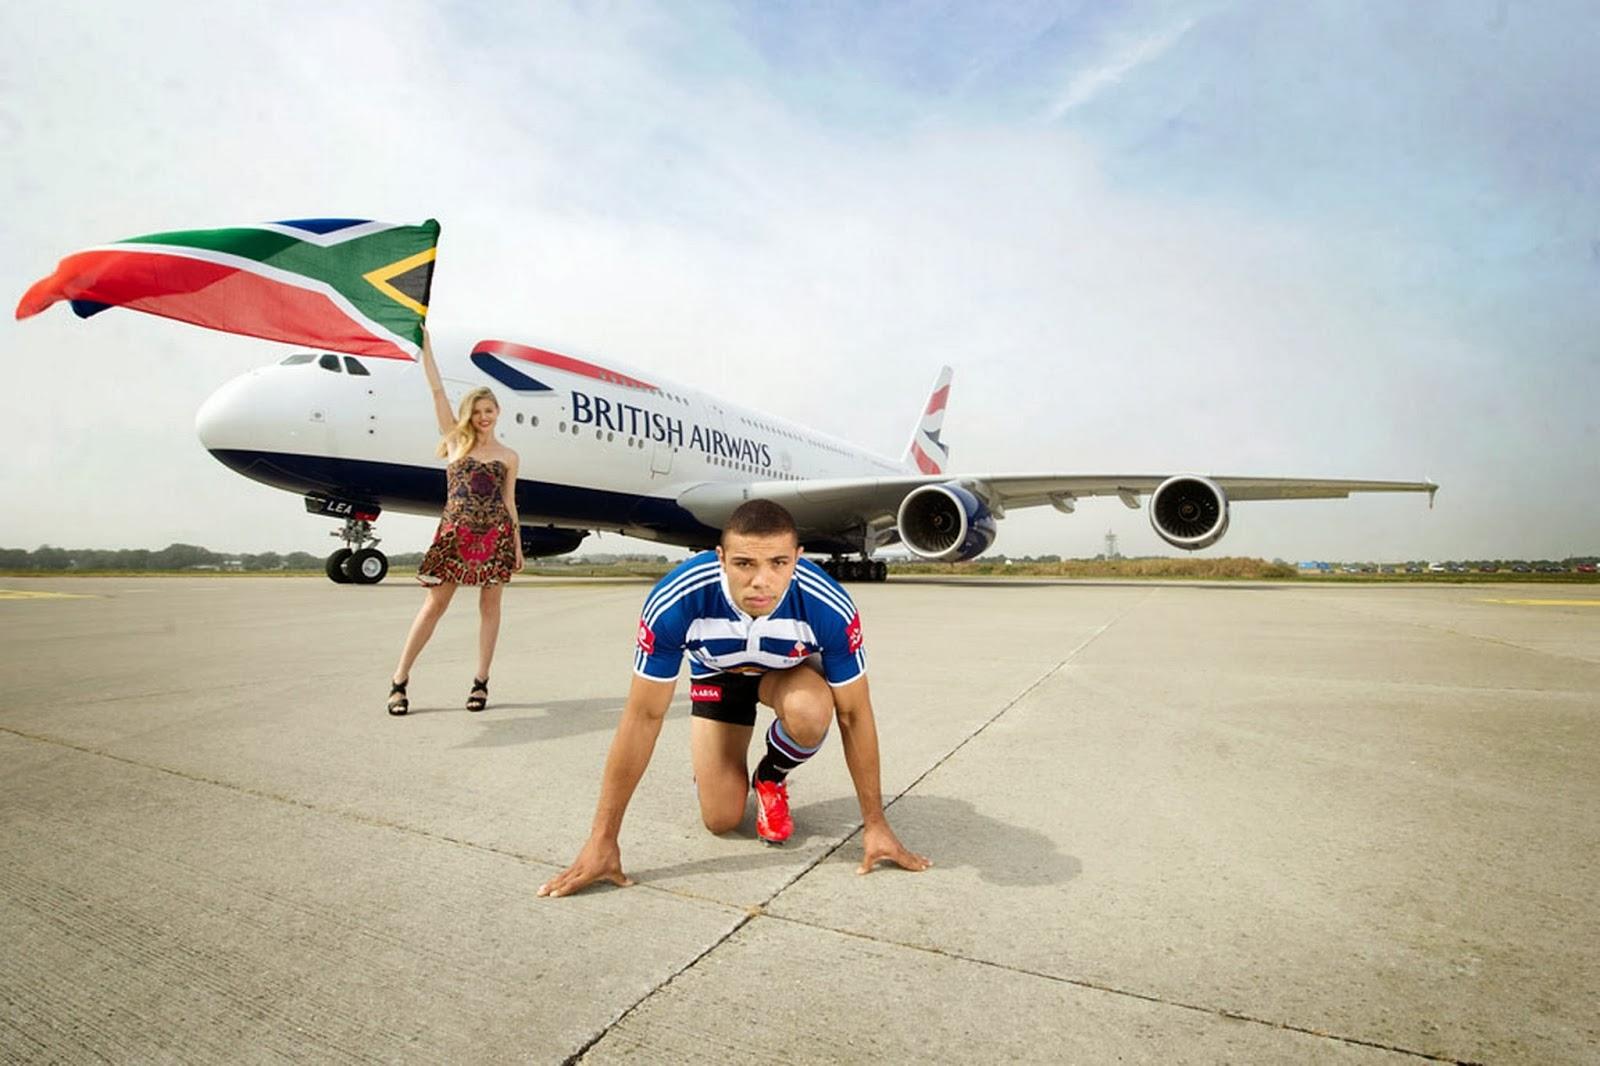 British Airways Airbus A380 Vs Bryan Habana Race